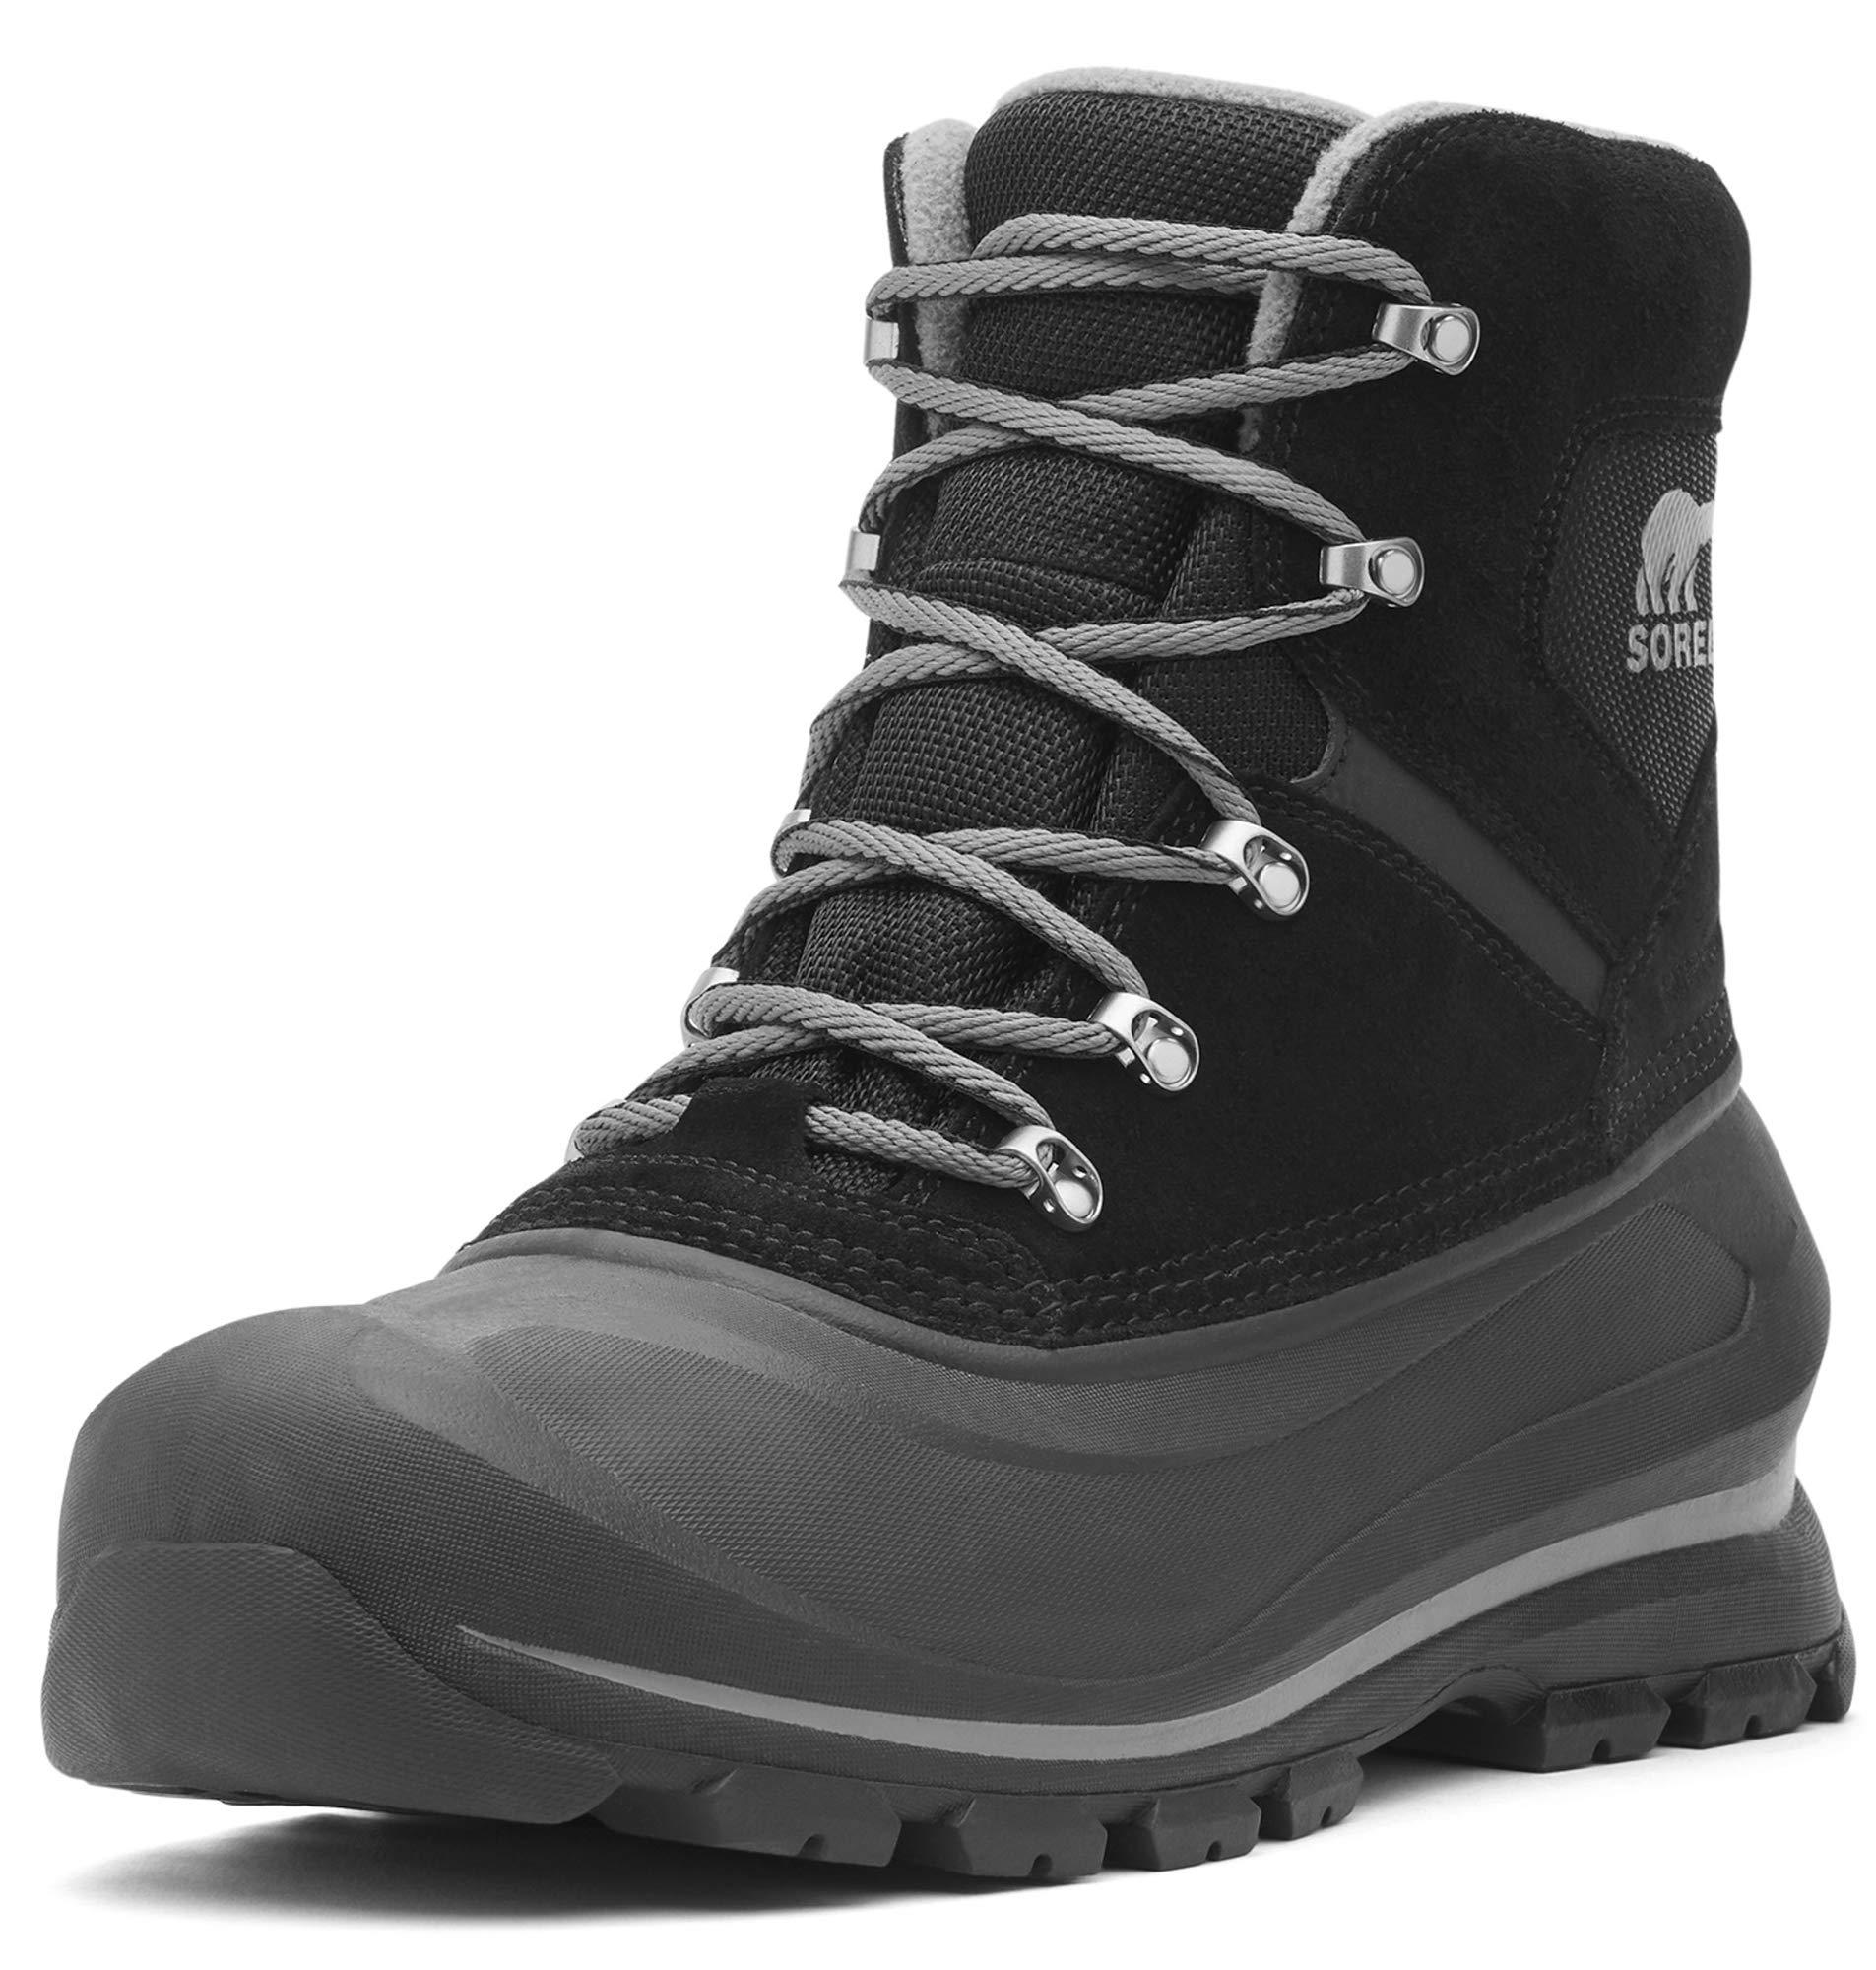 Sorel Men's Buxton LACE Snow Boot, Black, Quarry, 8 D US by Sorel